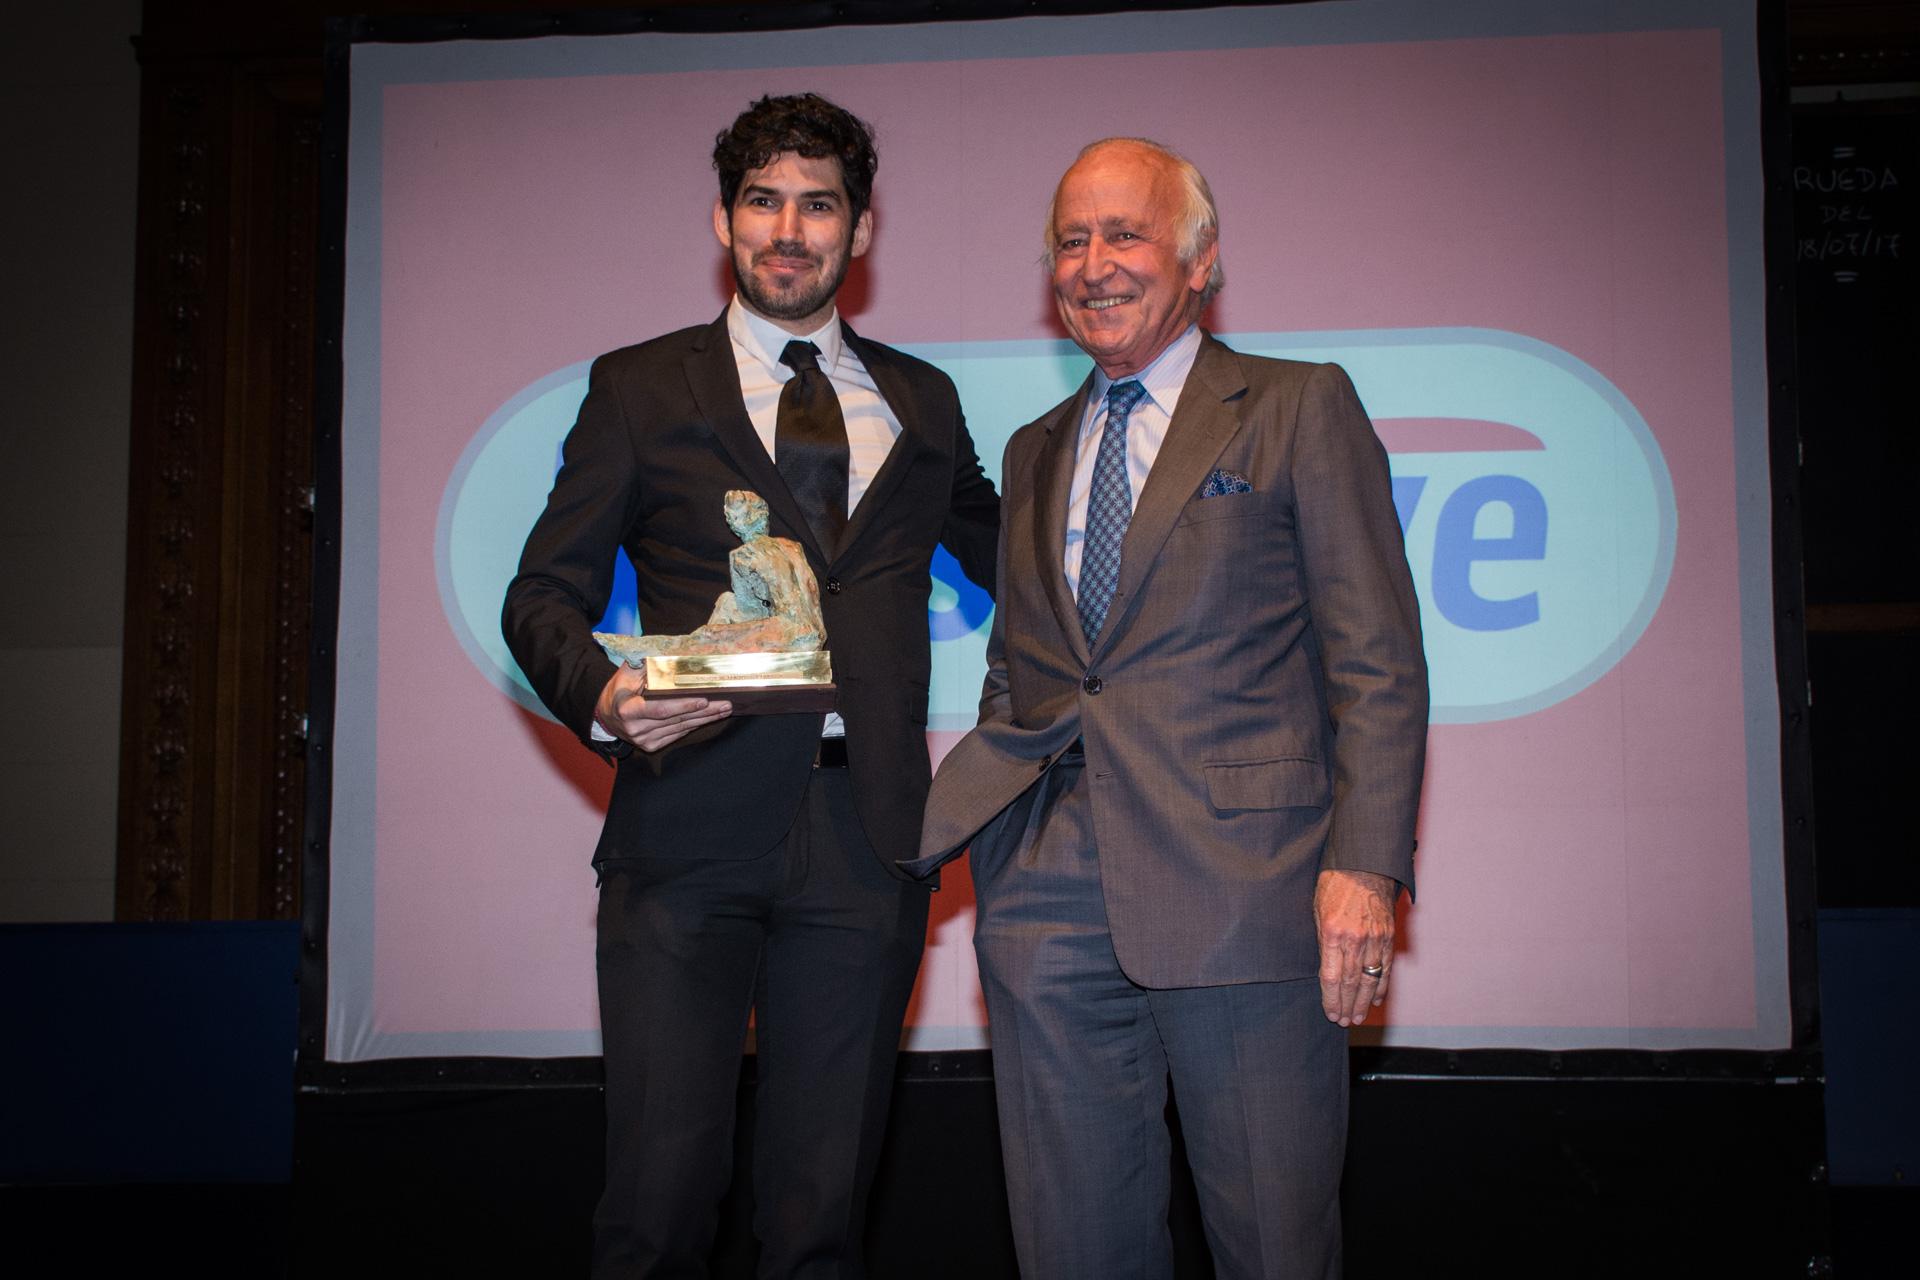 Disal-Tersuave fue elegida como Mejor Empresa Química. El galardón fue recibido por su director, Felipe Torre, y entregado por Santiago Soldati